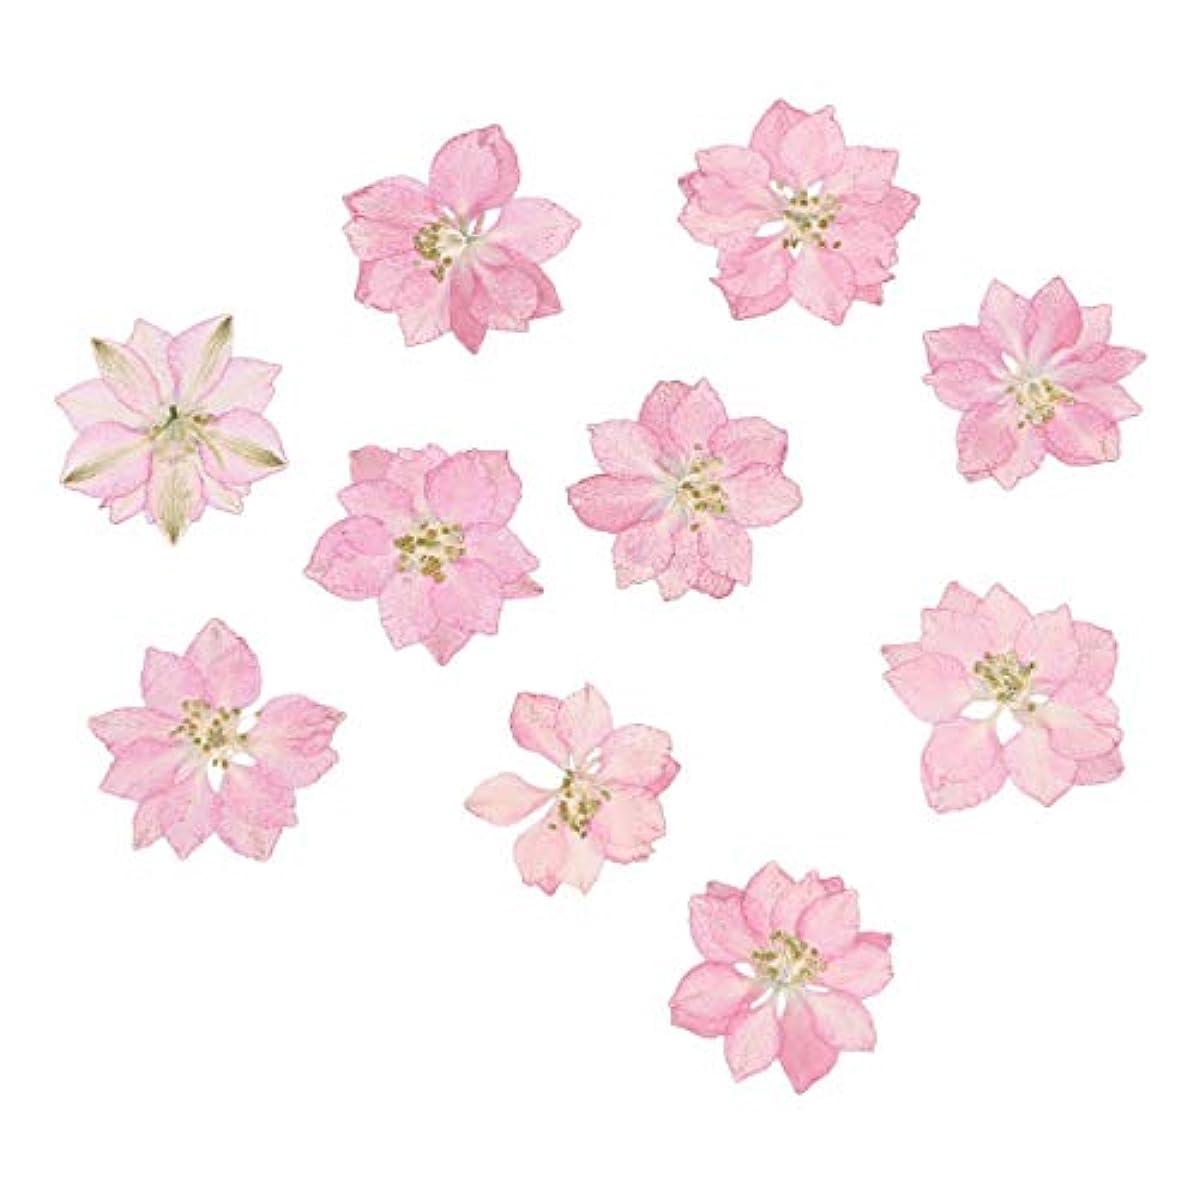 ペースト金属回転させるHEALLILY リアルドライ押花天然花飾り用diyジュエリーペンダント電話ケースカード20ピース